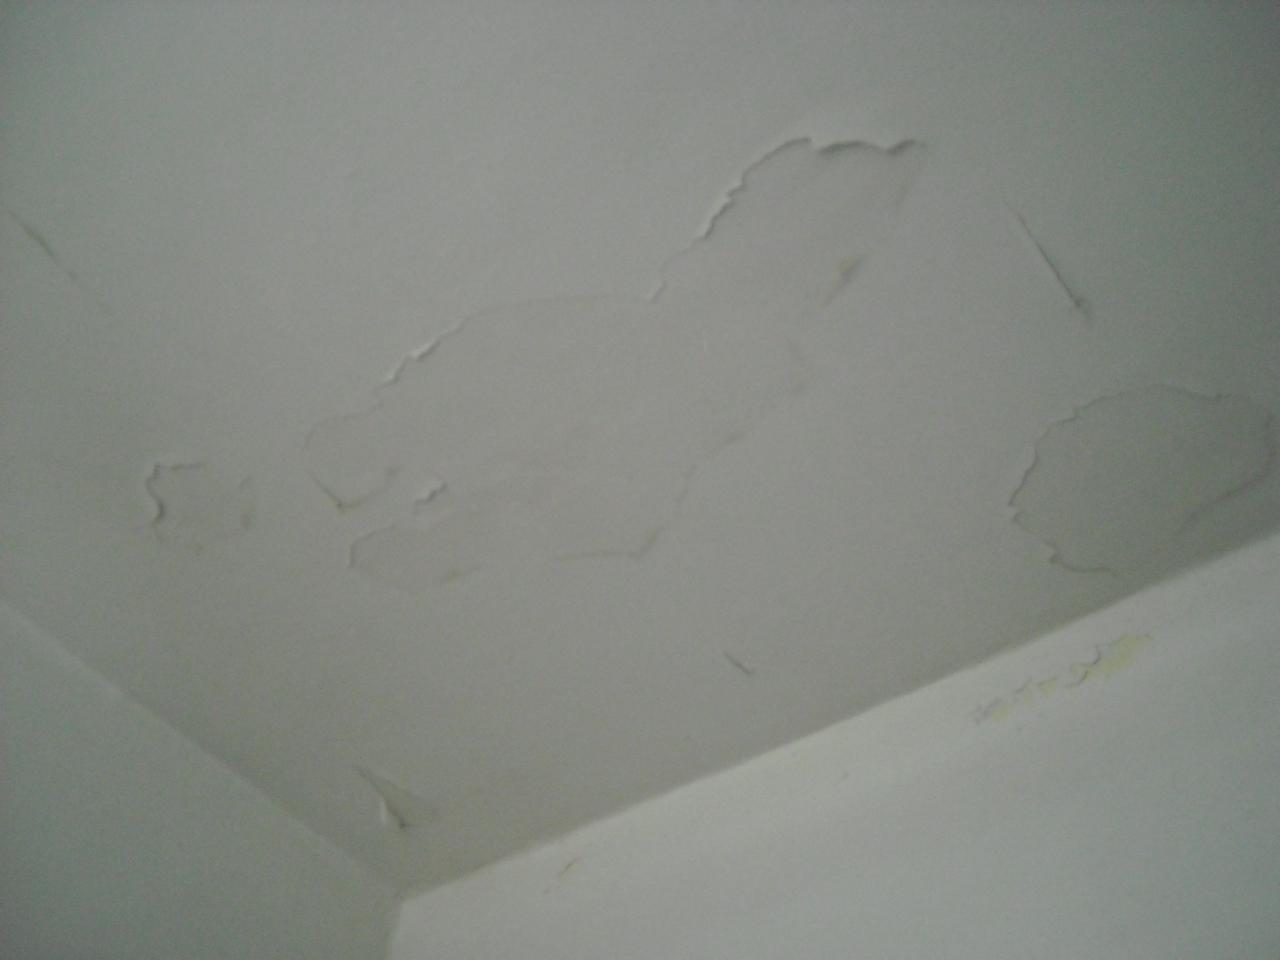 Peinture qui s 39 fritte sur mur et plafond - Retouche peinture mur ...